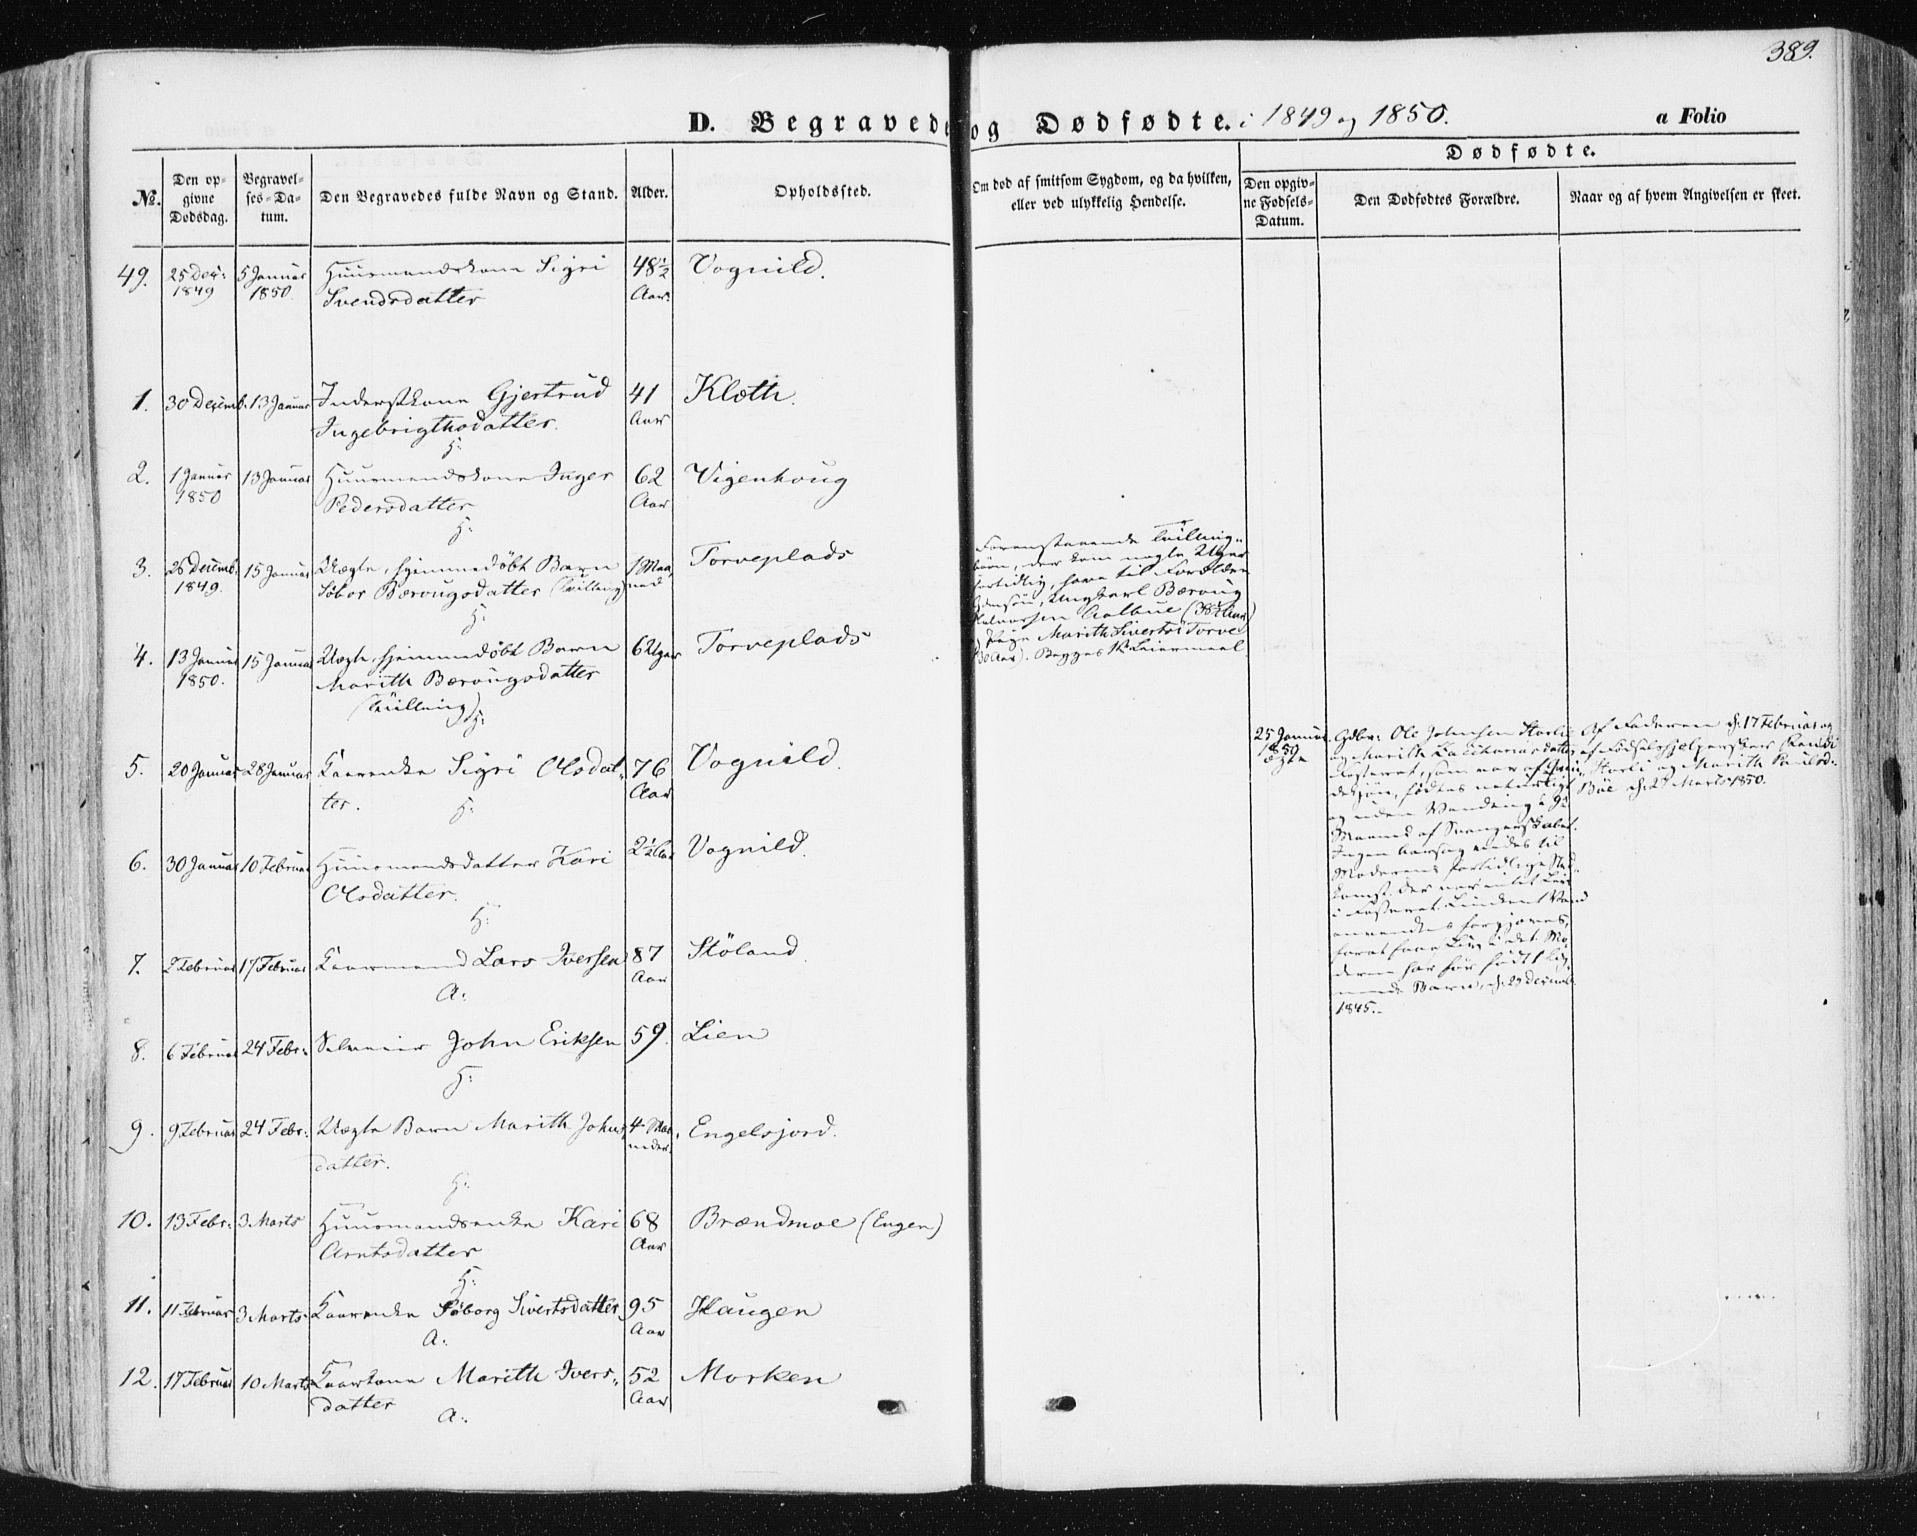 SAT, Ministerialprotokoller, klokkerbøker og fødselsregistre - Sør-Trøndelag, 678/L0899: Ministerialbok nr. 678A08, 1848-1872, s. 389